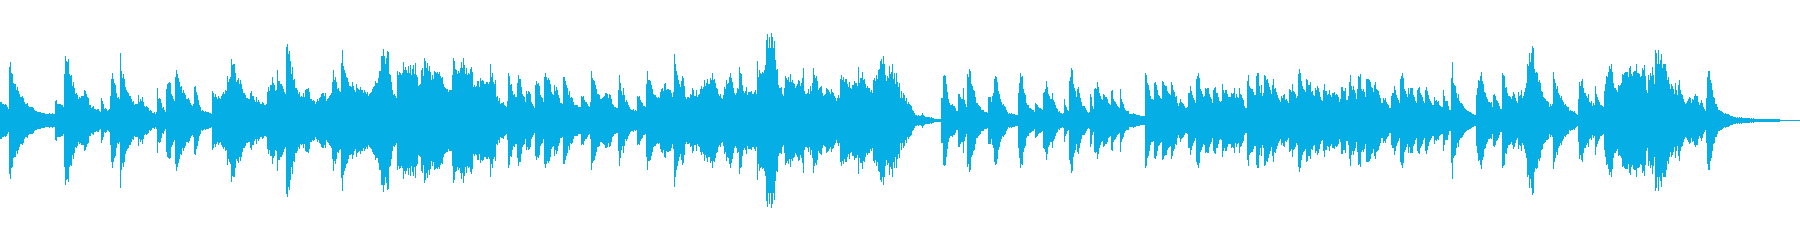 憂鬱な雰囲気のBGMの再生済みの波形